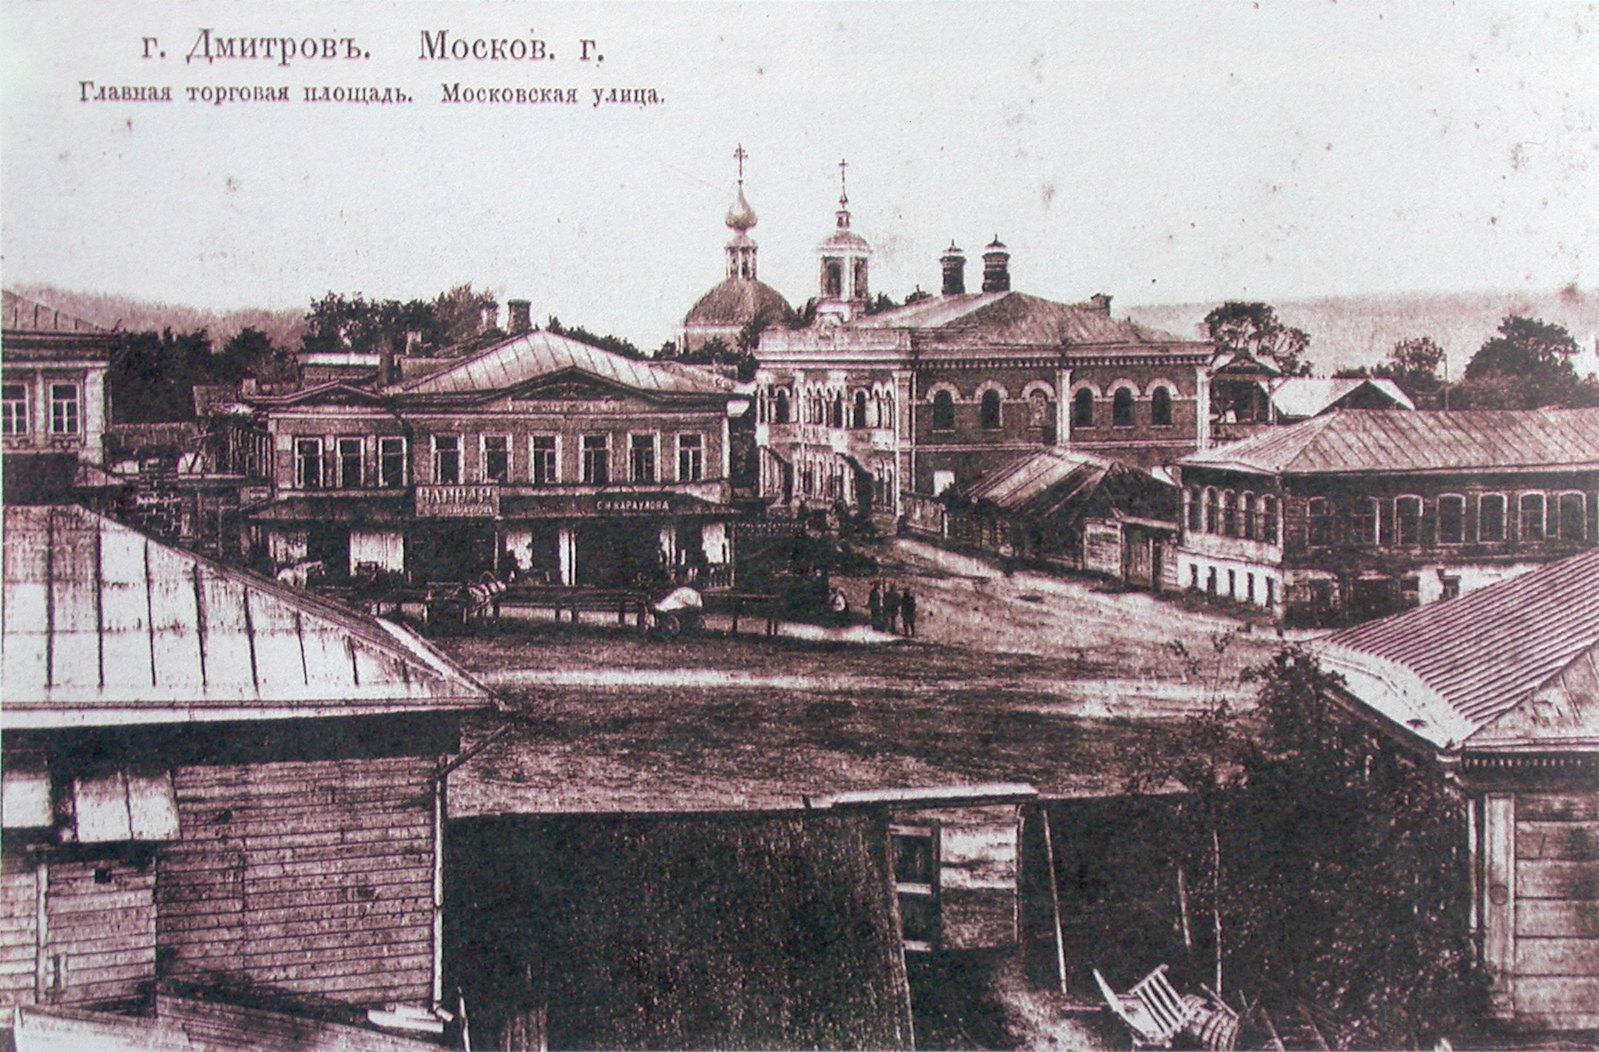 12. Перекресток Московской и Загорской улиц